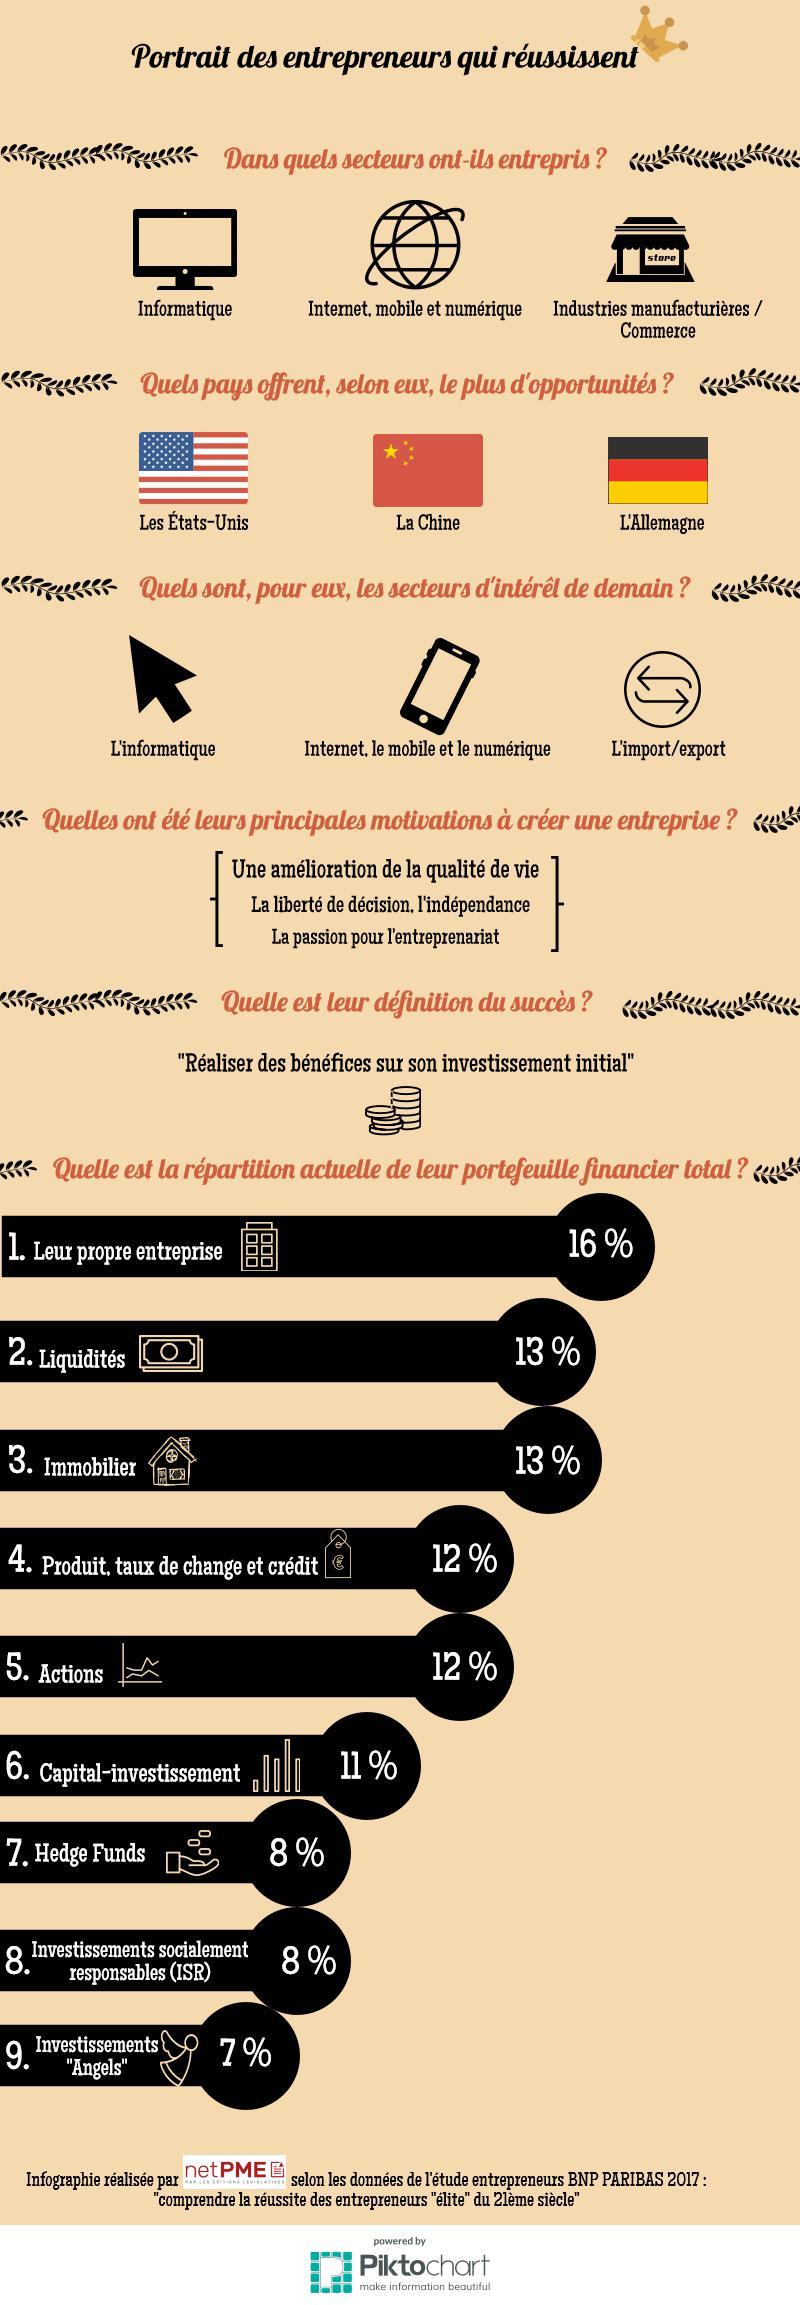 infographie-entrepreneurs-réussites-BNP-Paribas